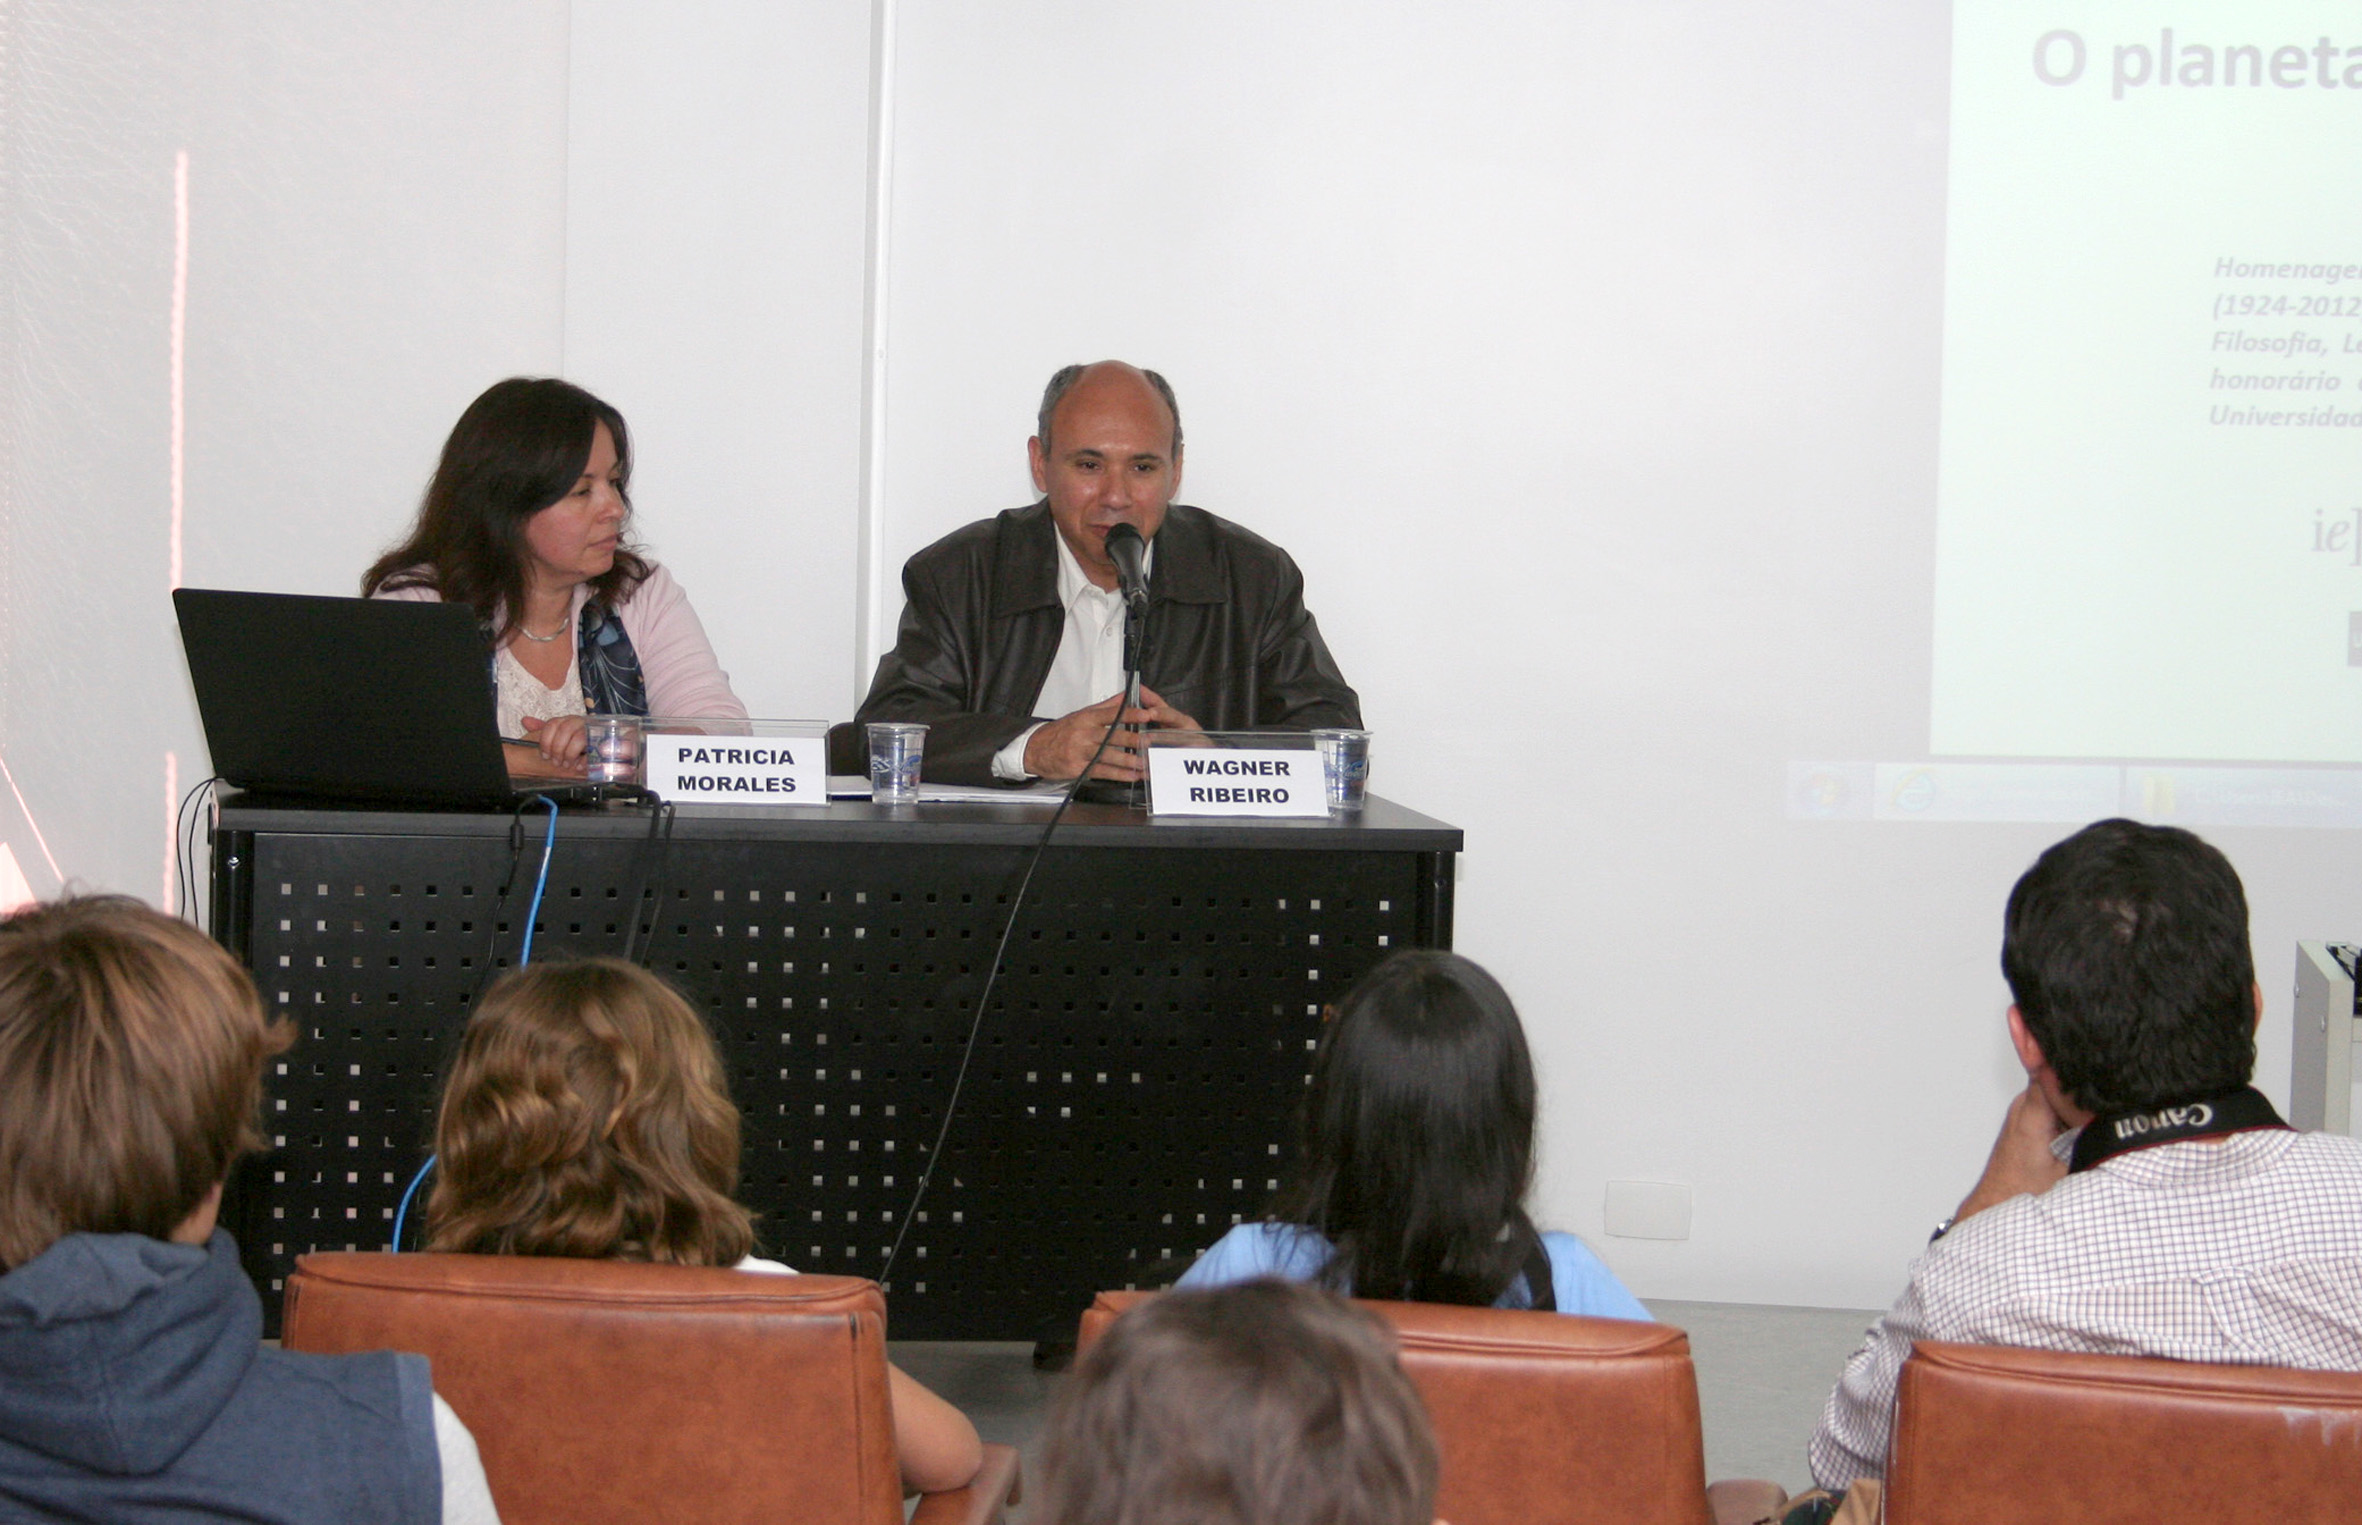 Patrícia Morales e Wagner Costa Ribeiro na Abertura do evento